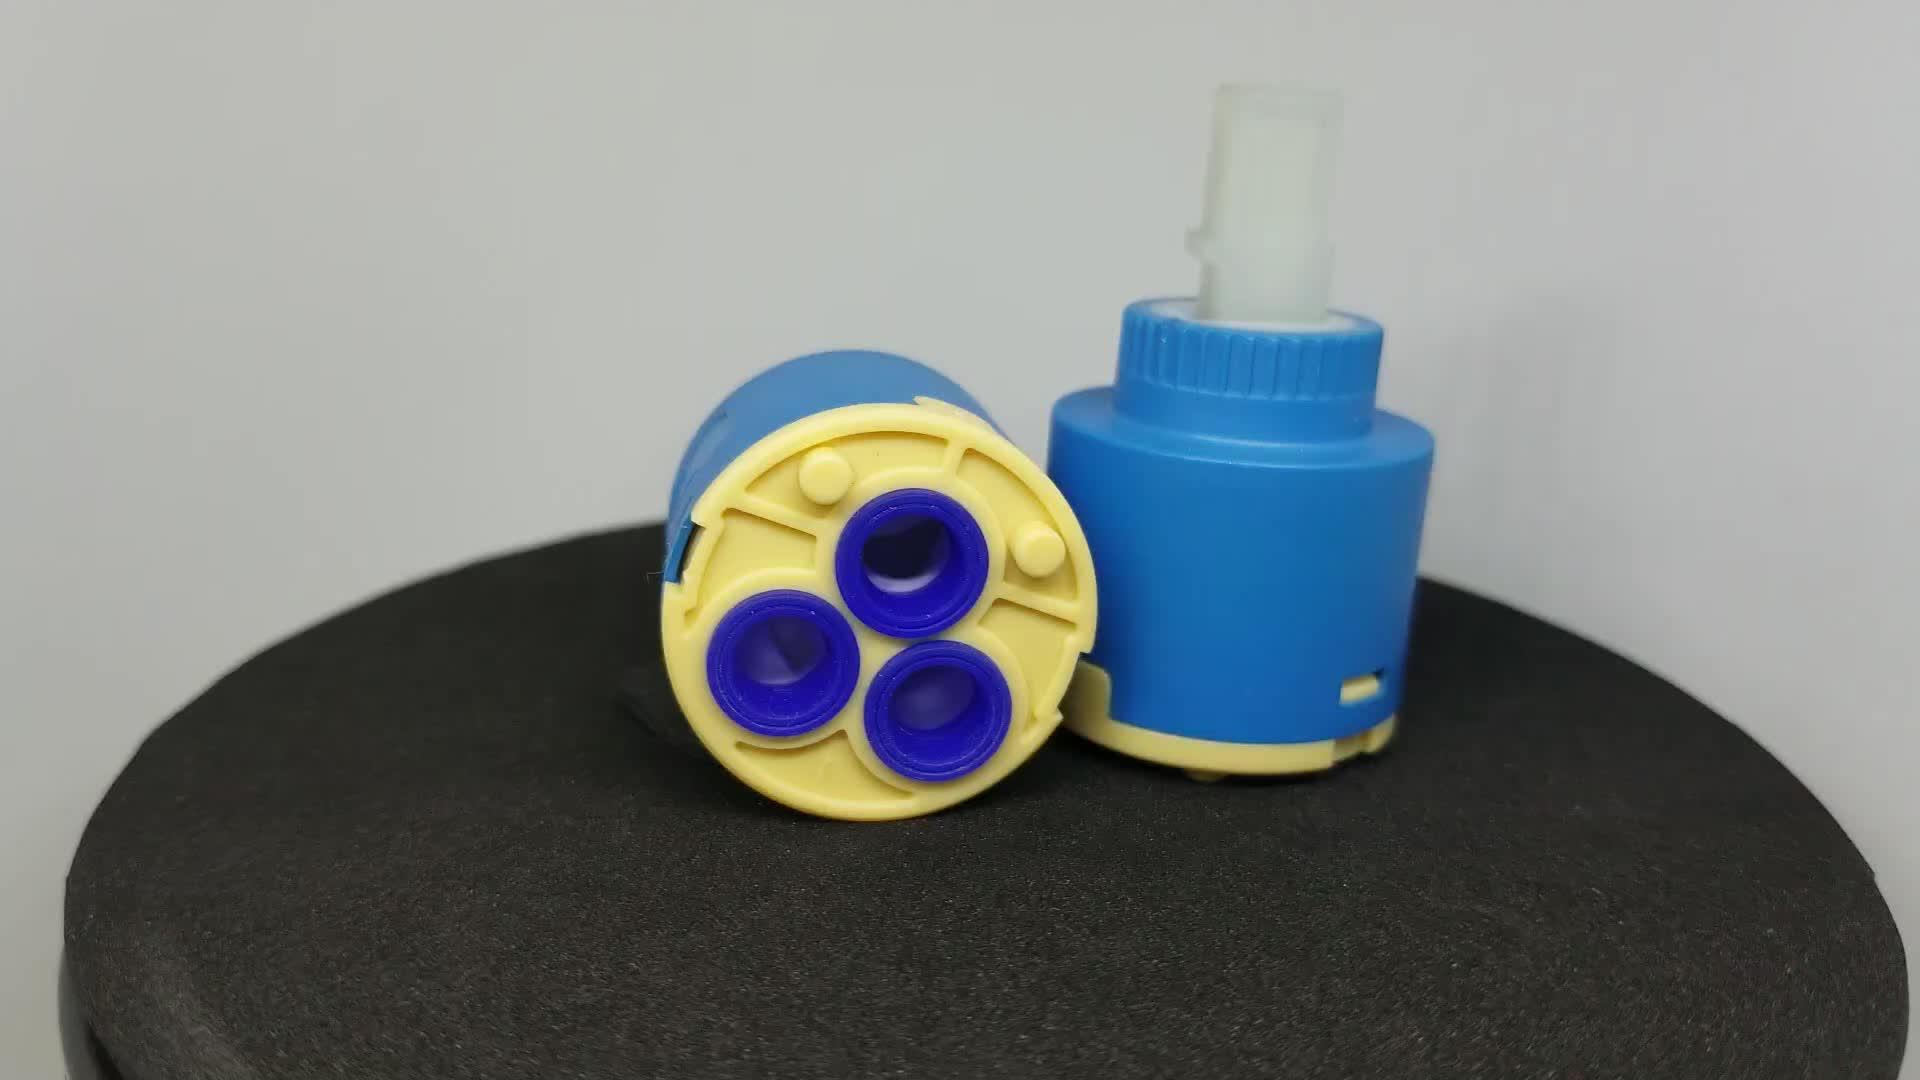 Chixin 35 millimetri cartuccia ceramica rubinetto miscelatore della cartuccia